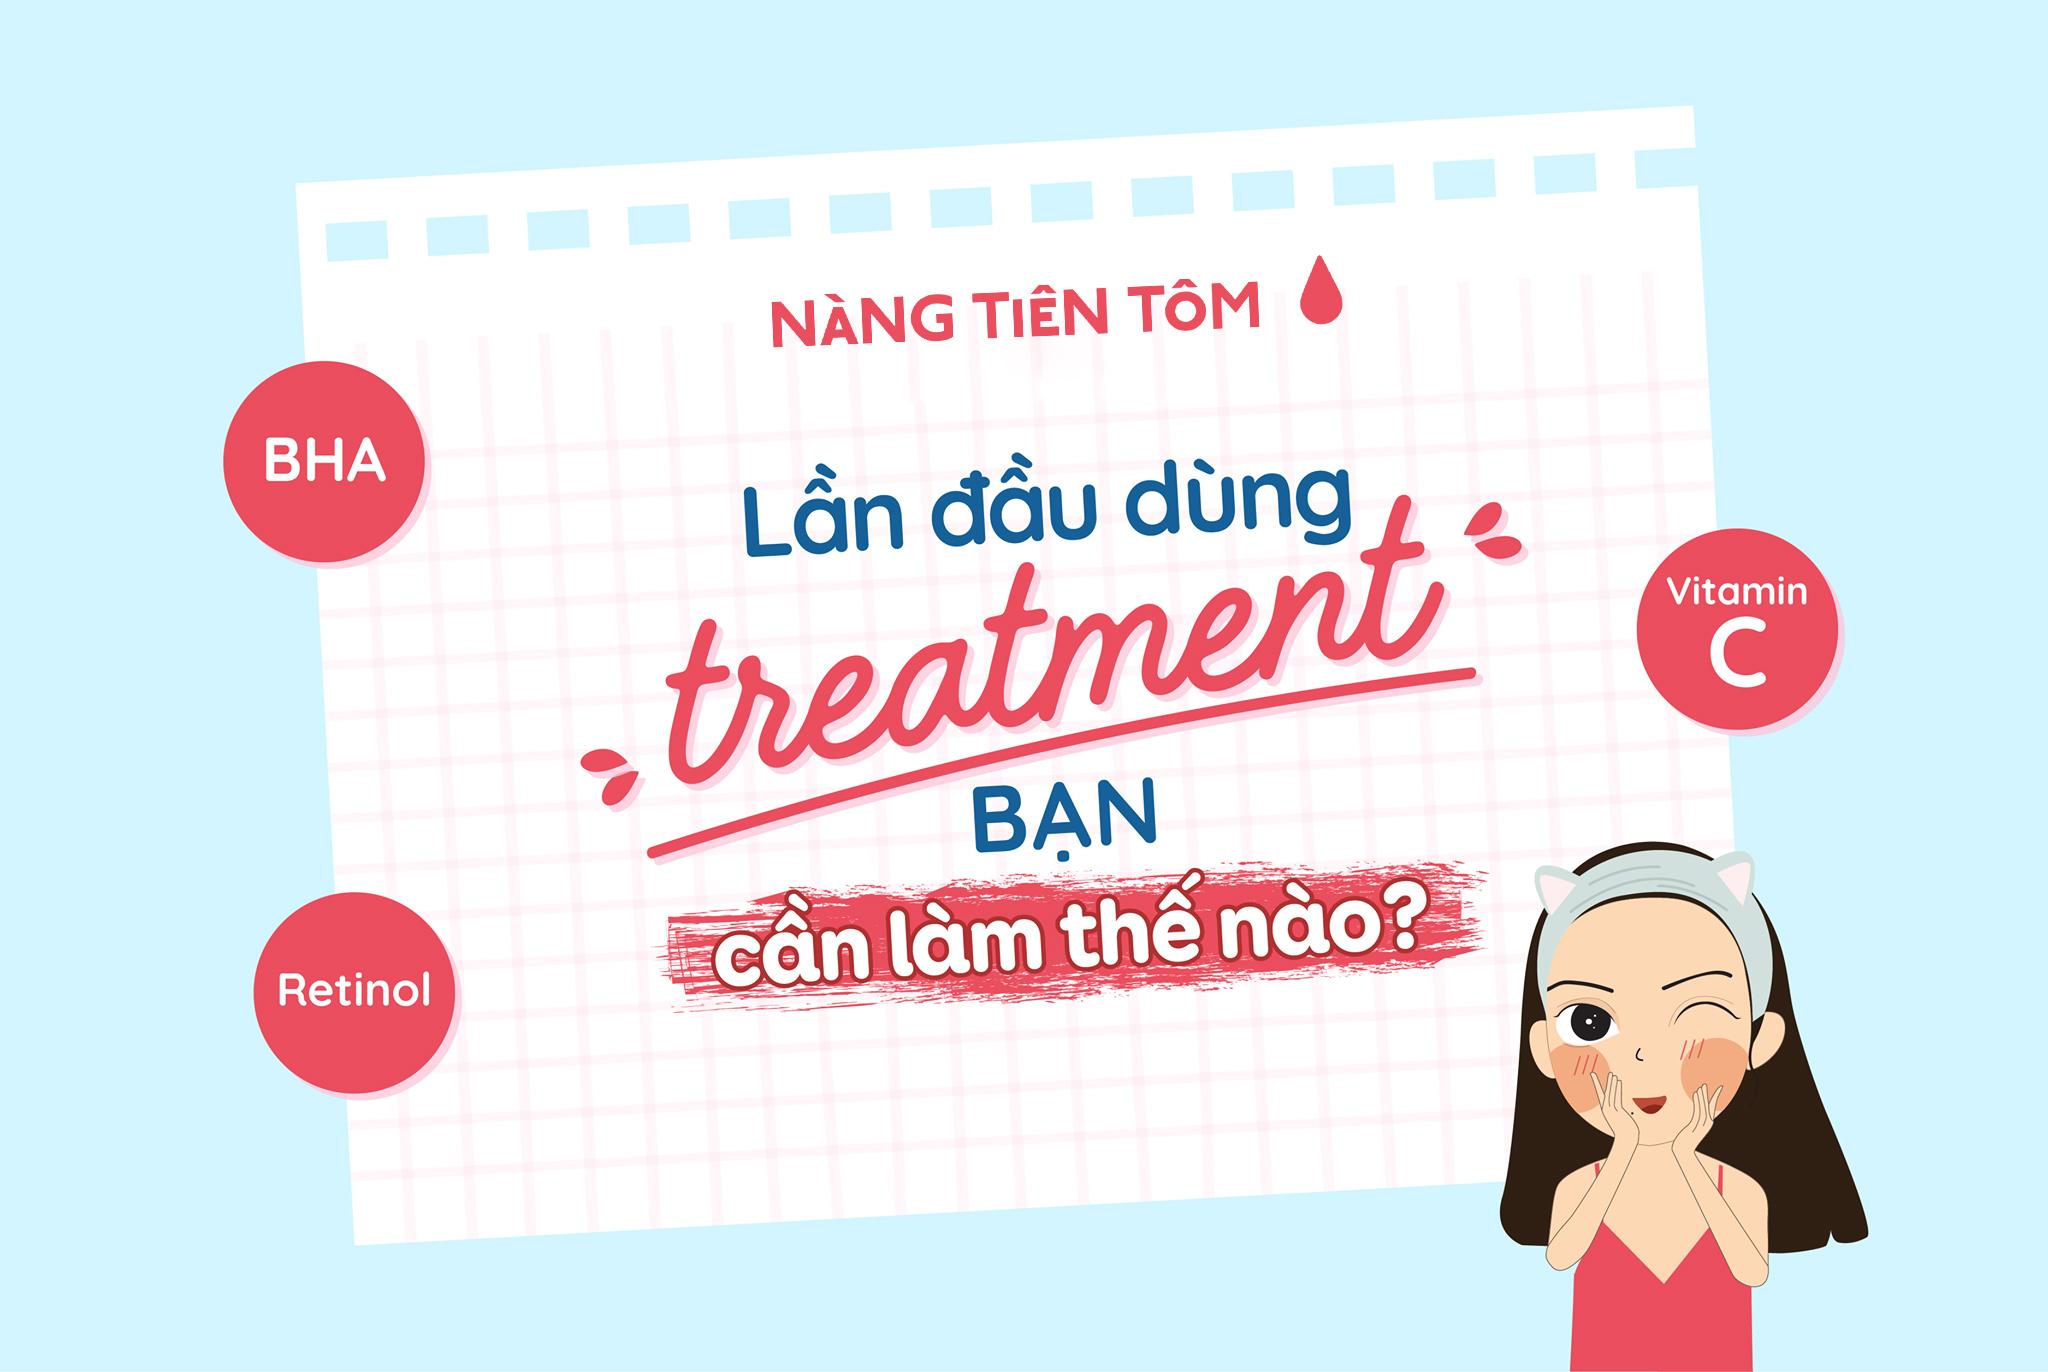 Bắt đầu sử dụng treatment như thế nào?